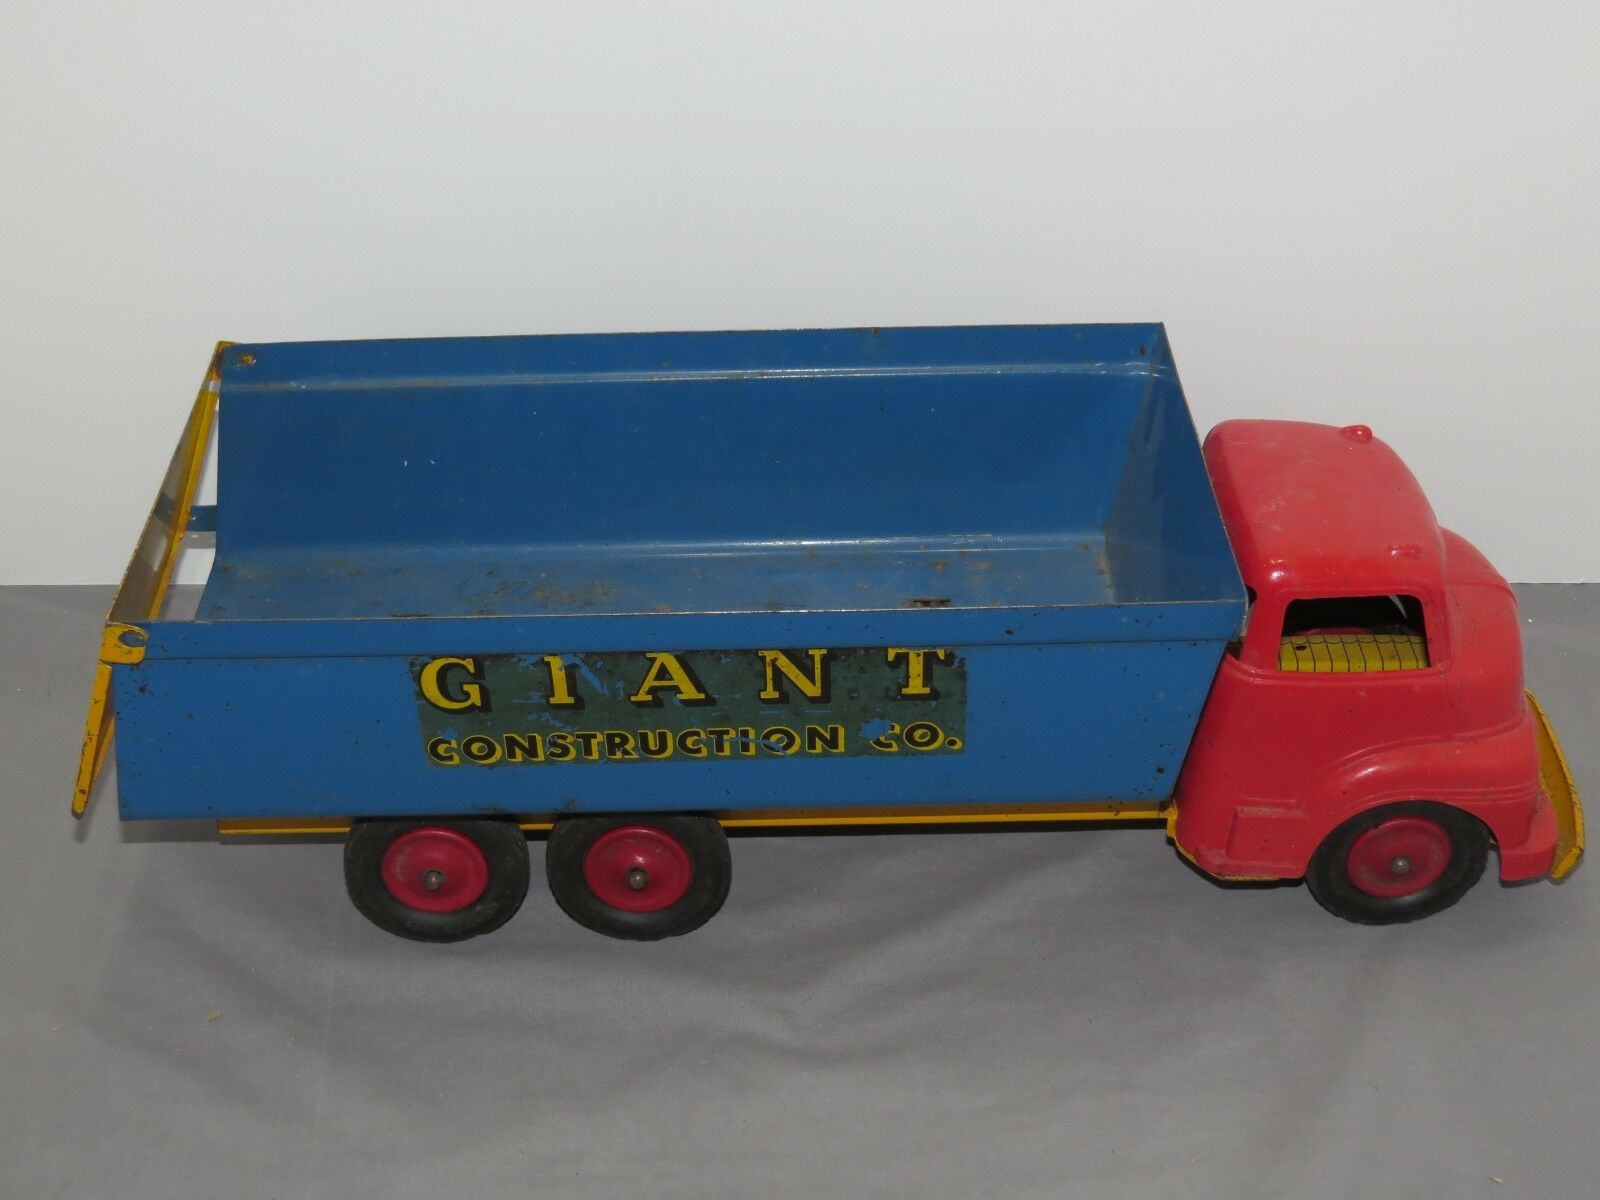 Vintage Wyandotte líneas gigante de construcción camión 1940's-1950 Original Rara